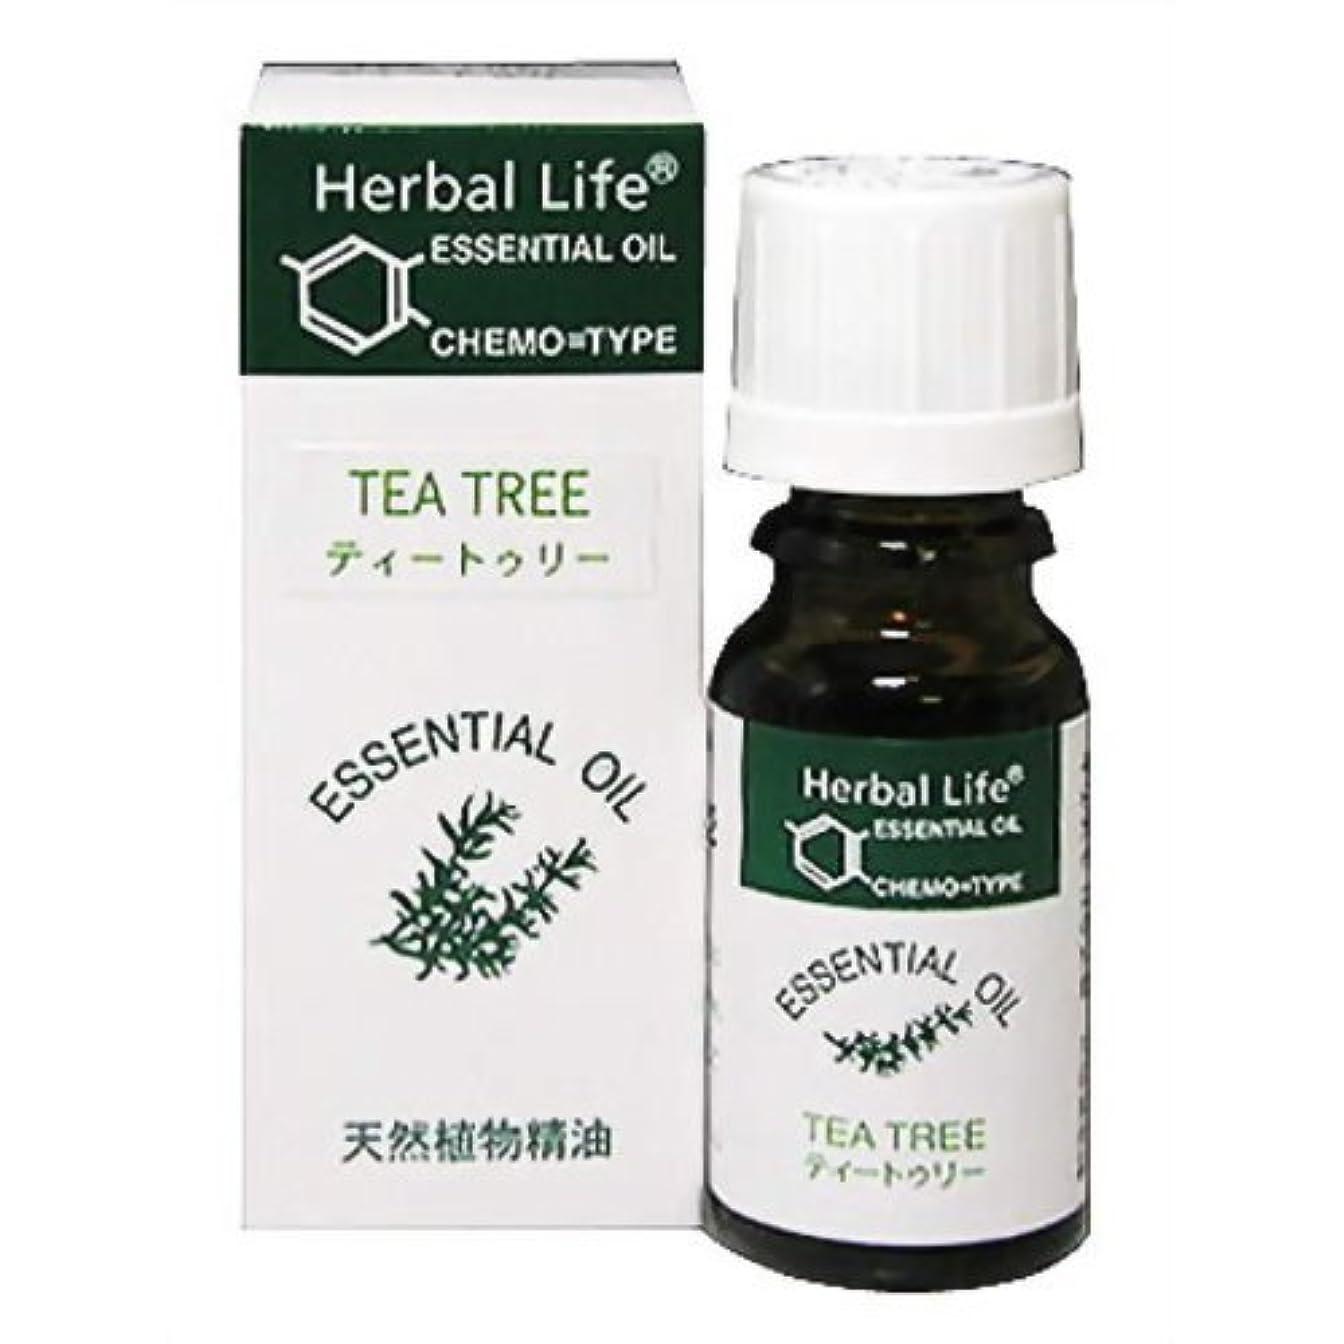 計画的成果自然Herbal Life ティートゥリー 10ml